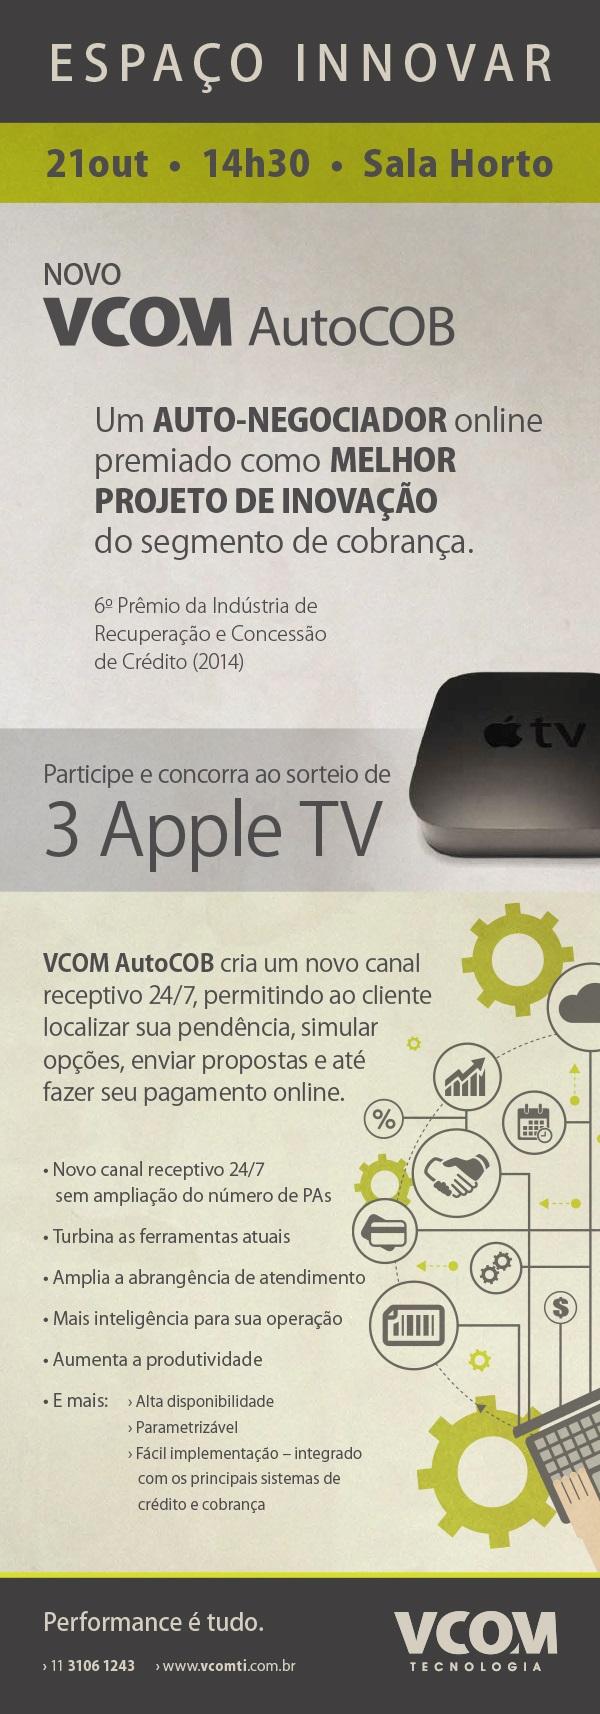 VCOM-tecnologia-apresenta-solucao-inovadora-de-negociacao-online-no-10-cms-televendas-cobranca